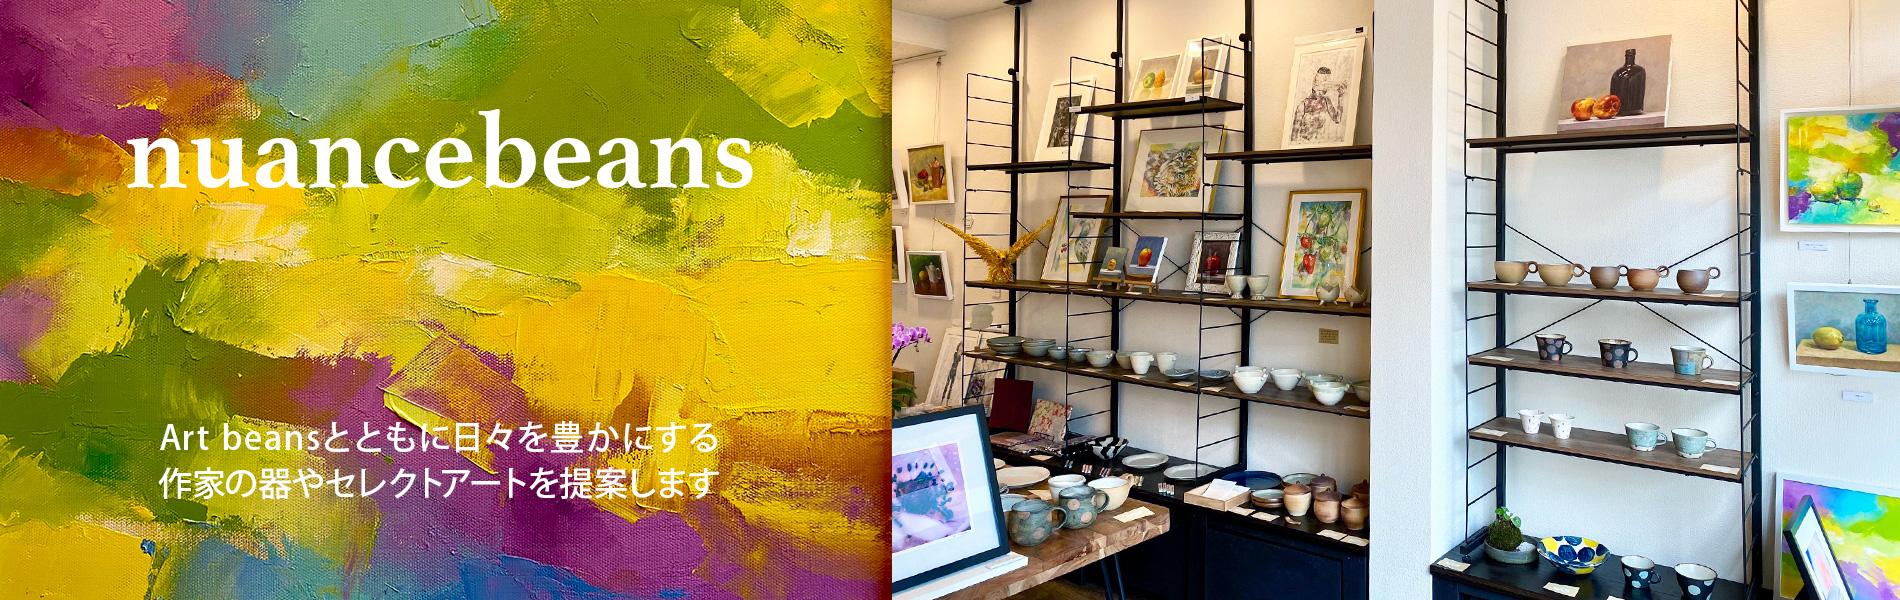 nuancebeans :Art beansとともに日々を豊かにする作家の器やセレクトアートを提案します